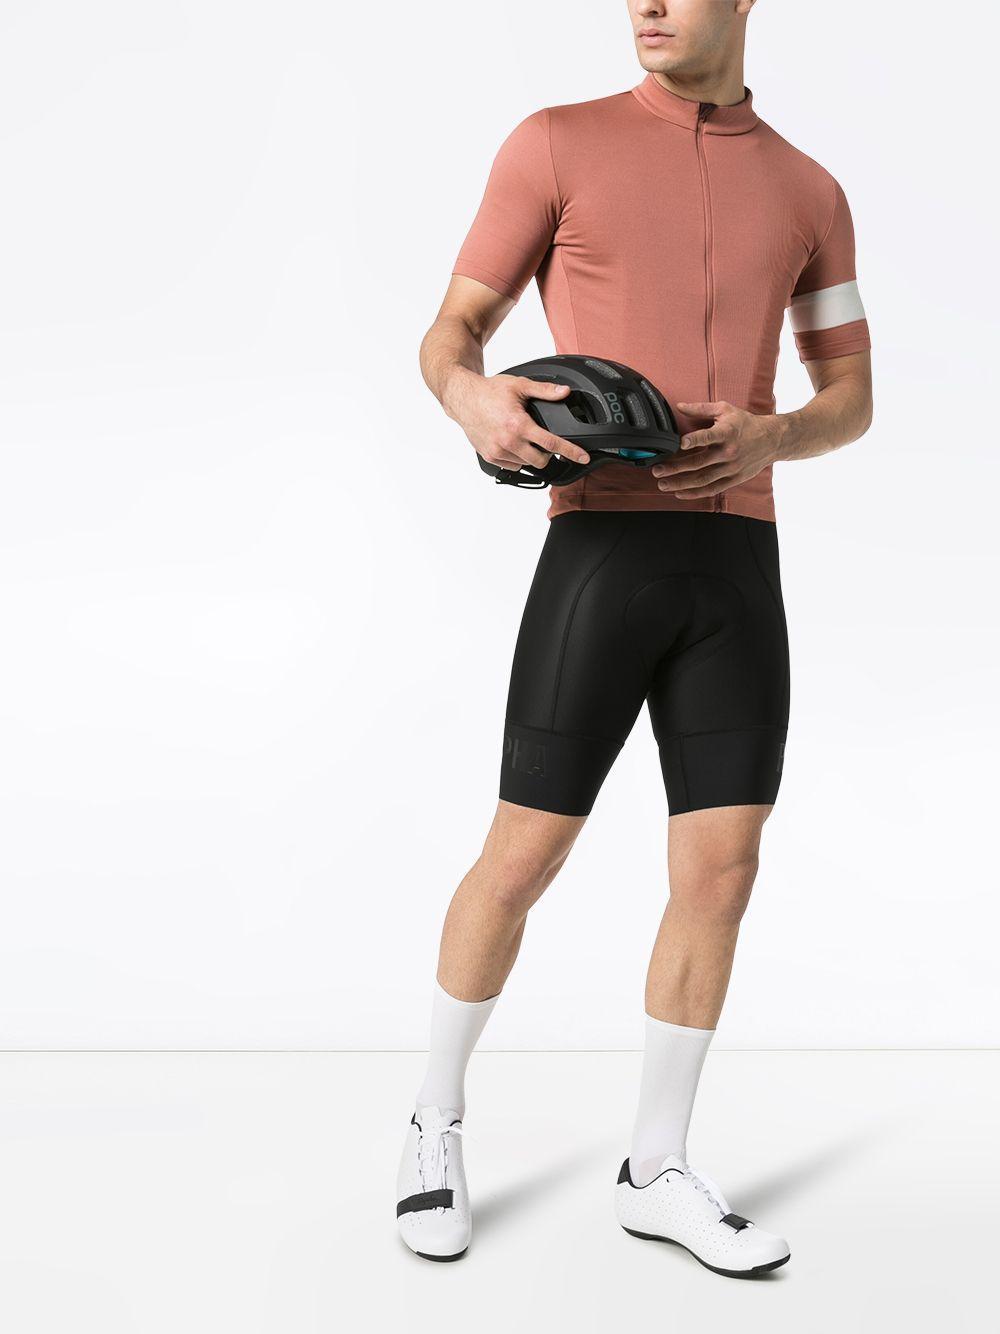 Homme RAPHA Classique Jersey II chaud rose laine mélangée Cyclisme Top M NEUF